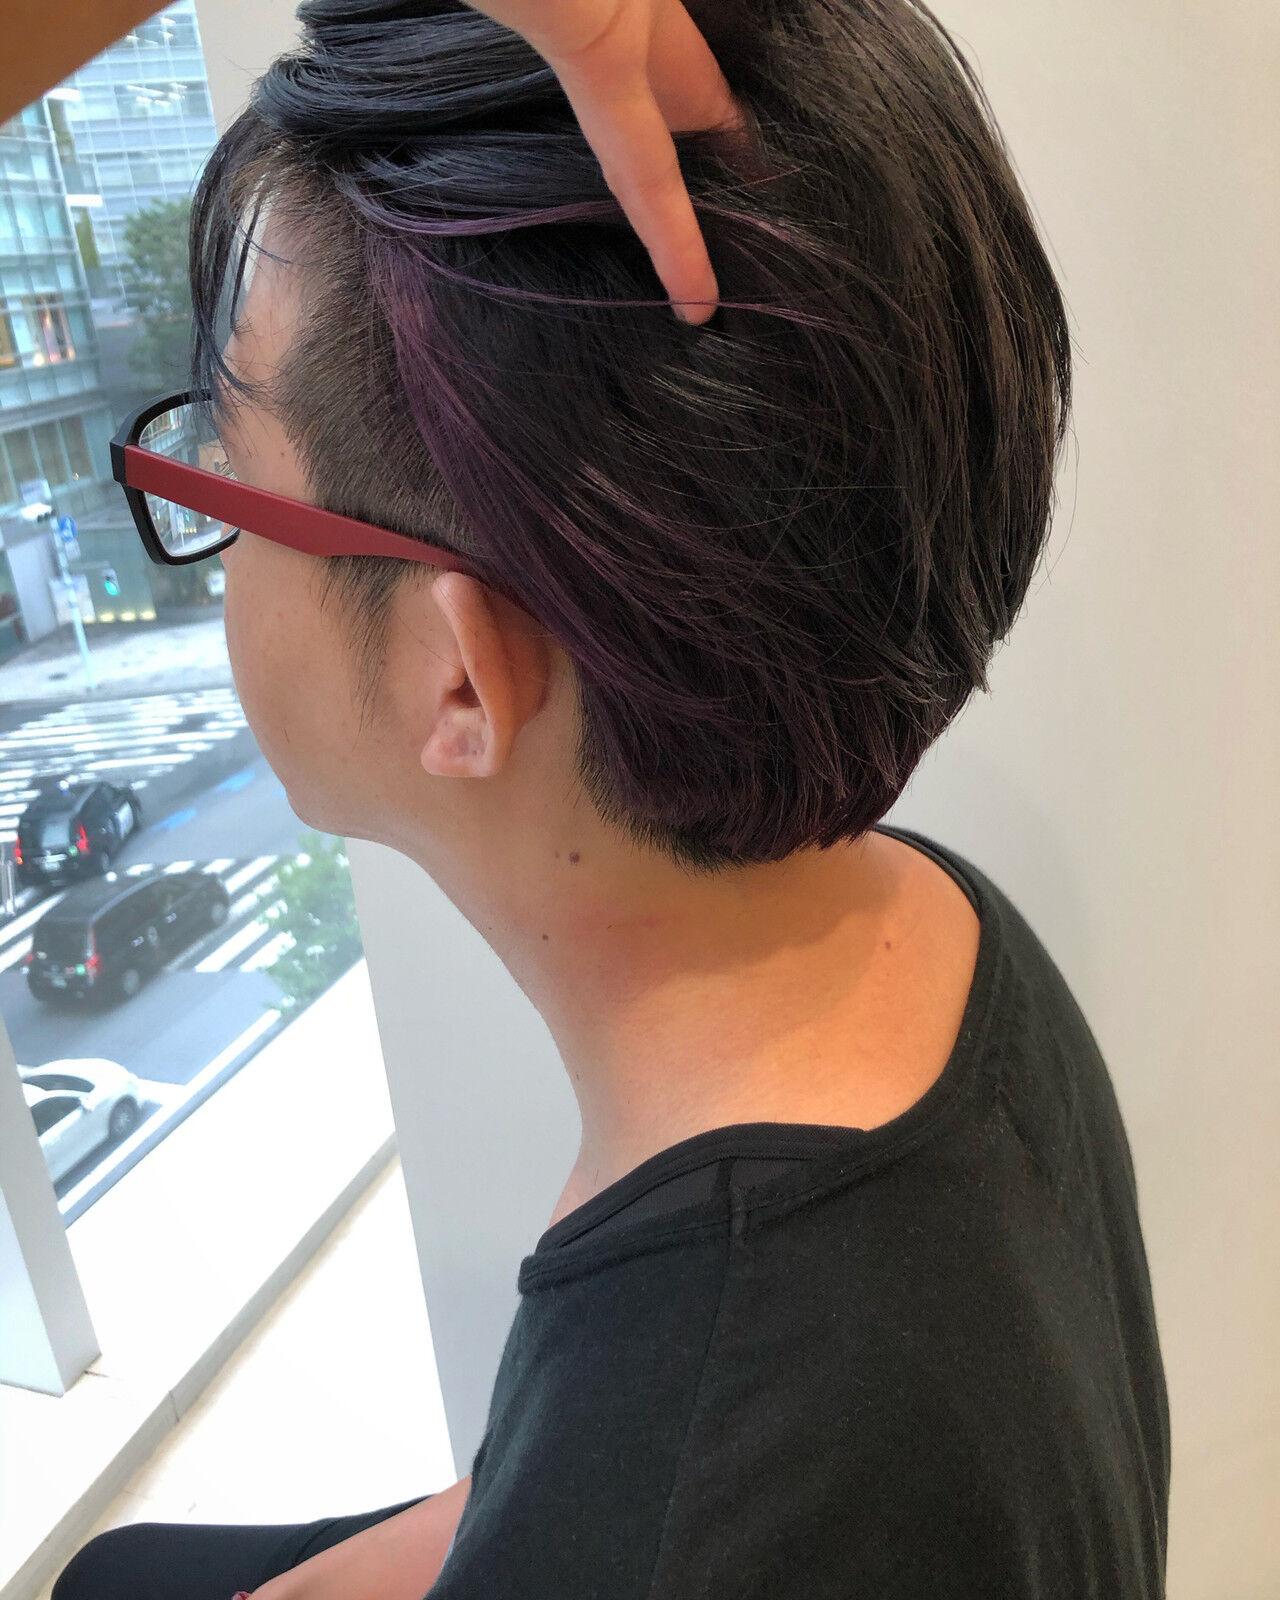 ナチュラル メンズヘア メンズカット ショートヘアスタイルや髪型の写真・画像